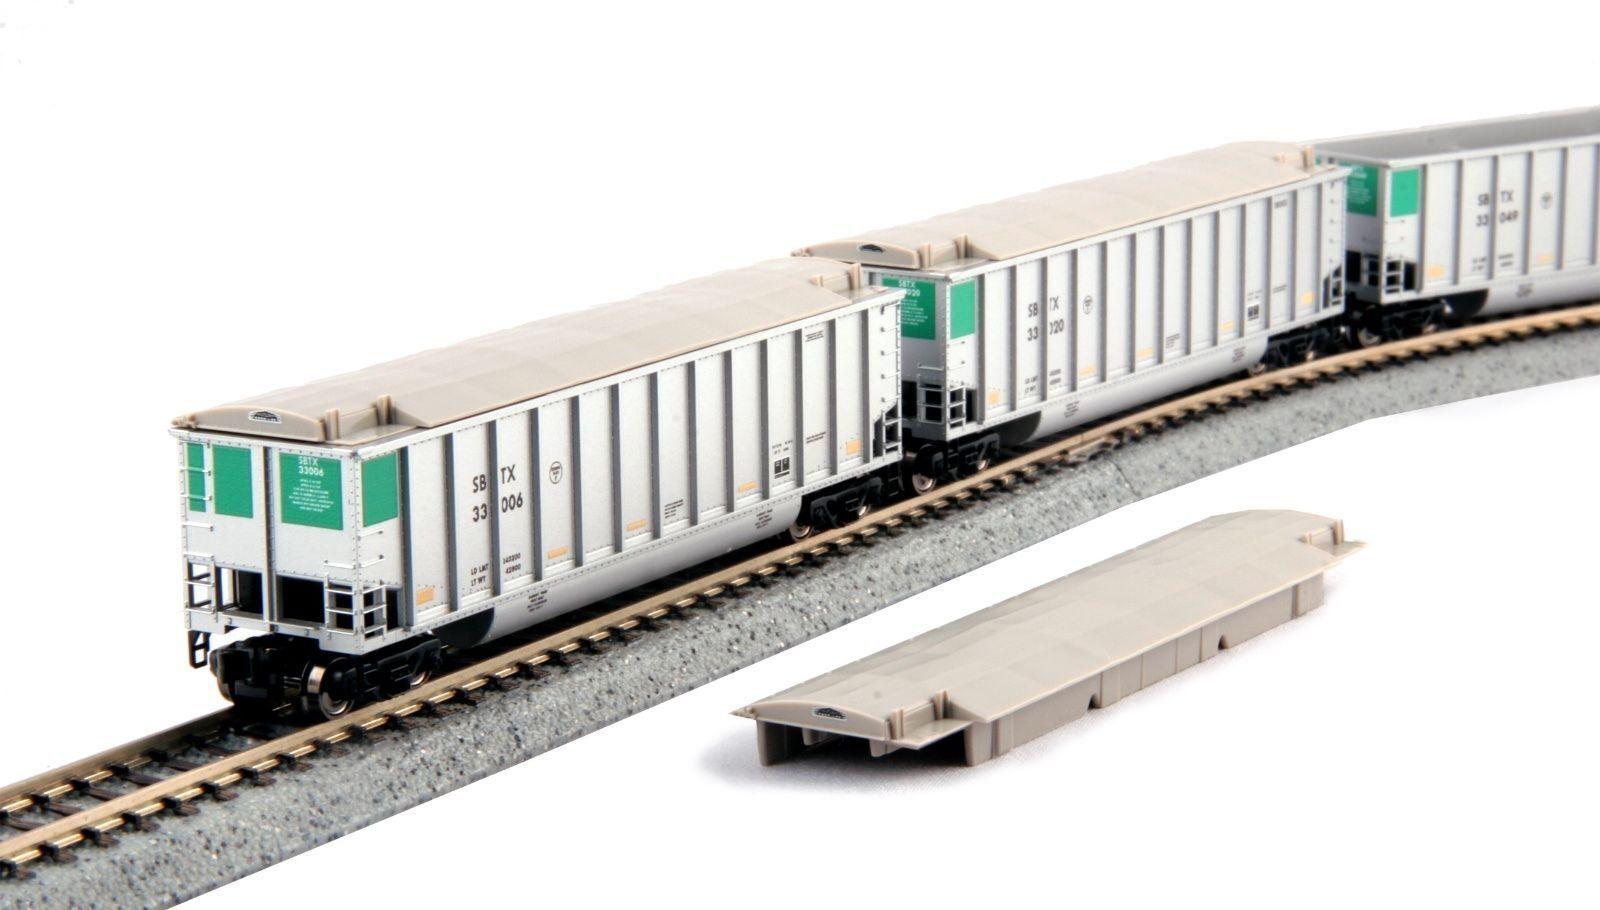 KATO KATO KATO 1064653 N Scale Bethgon Predein Gondola 8-Car Set SBTX 106-4653 784cc1